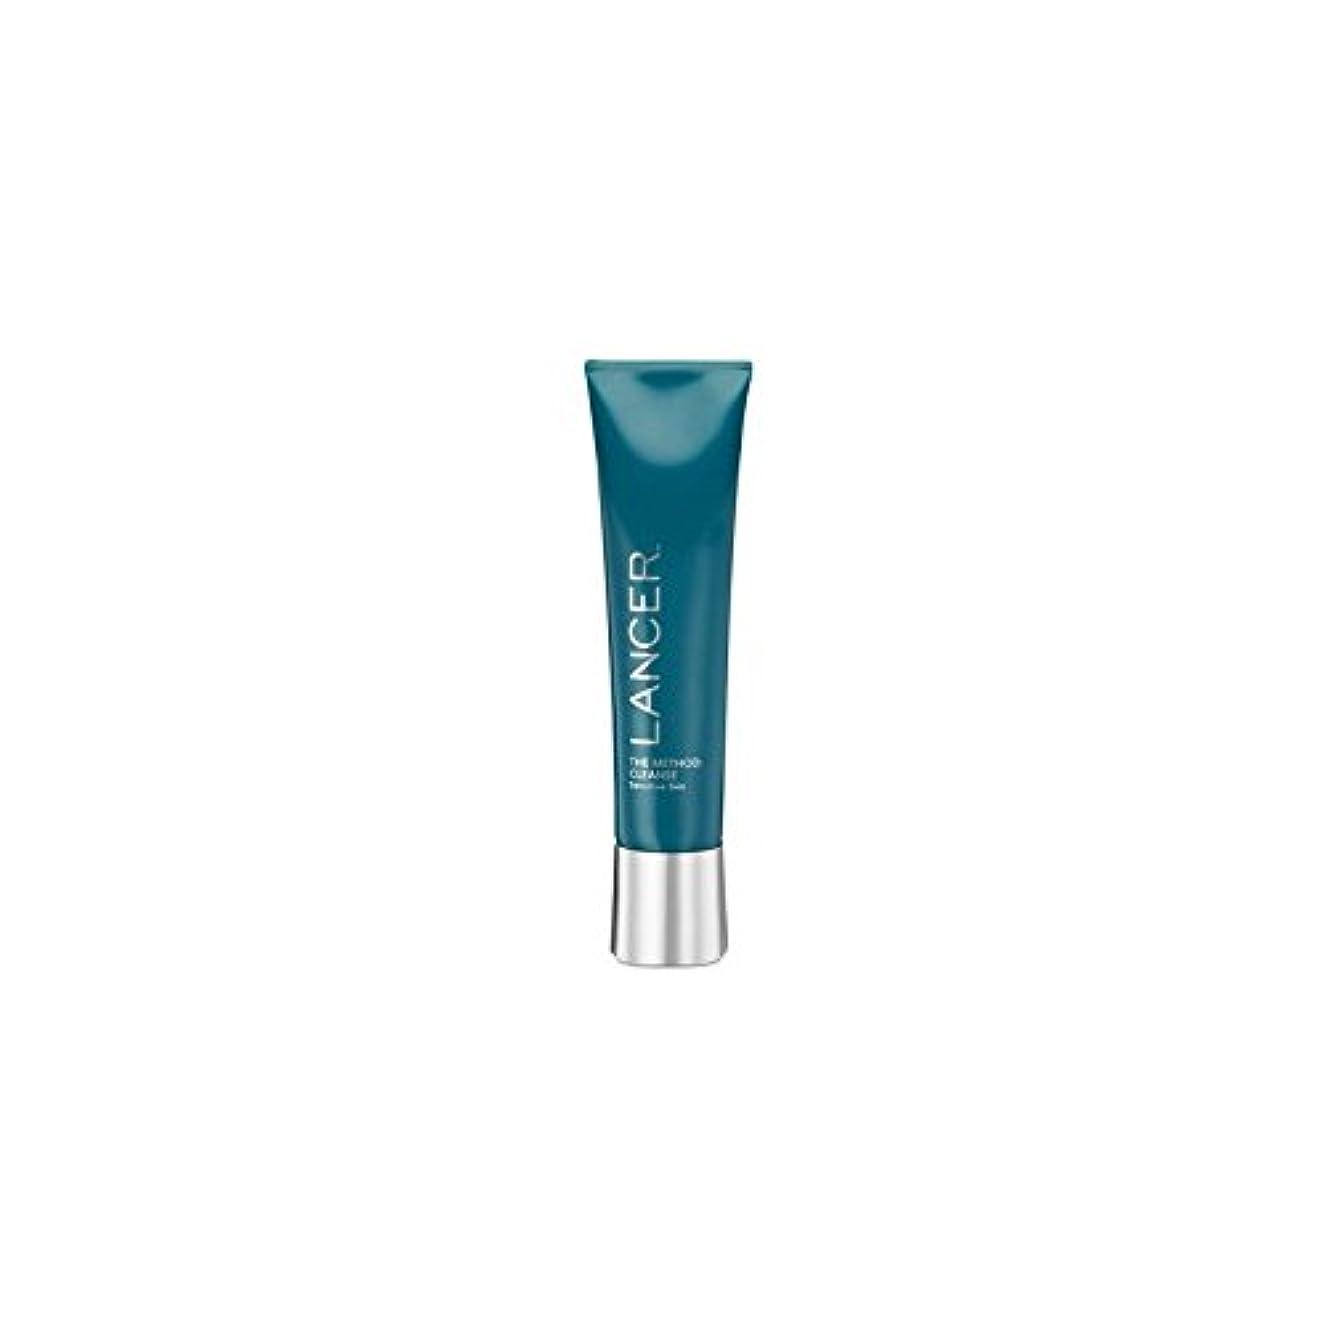 起訴する厳しい予測するLancer Skincare The Method: Cleanser Sensitive Skin (120ml) (Pack of 6) - クレンザー敏感肌(120ミリリットル):ランサーは、メソッドをスキンケア...